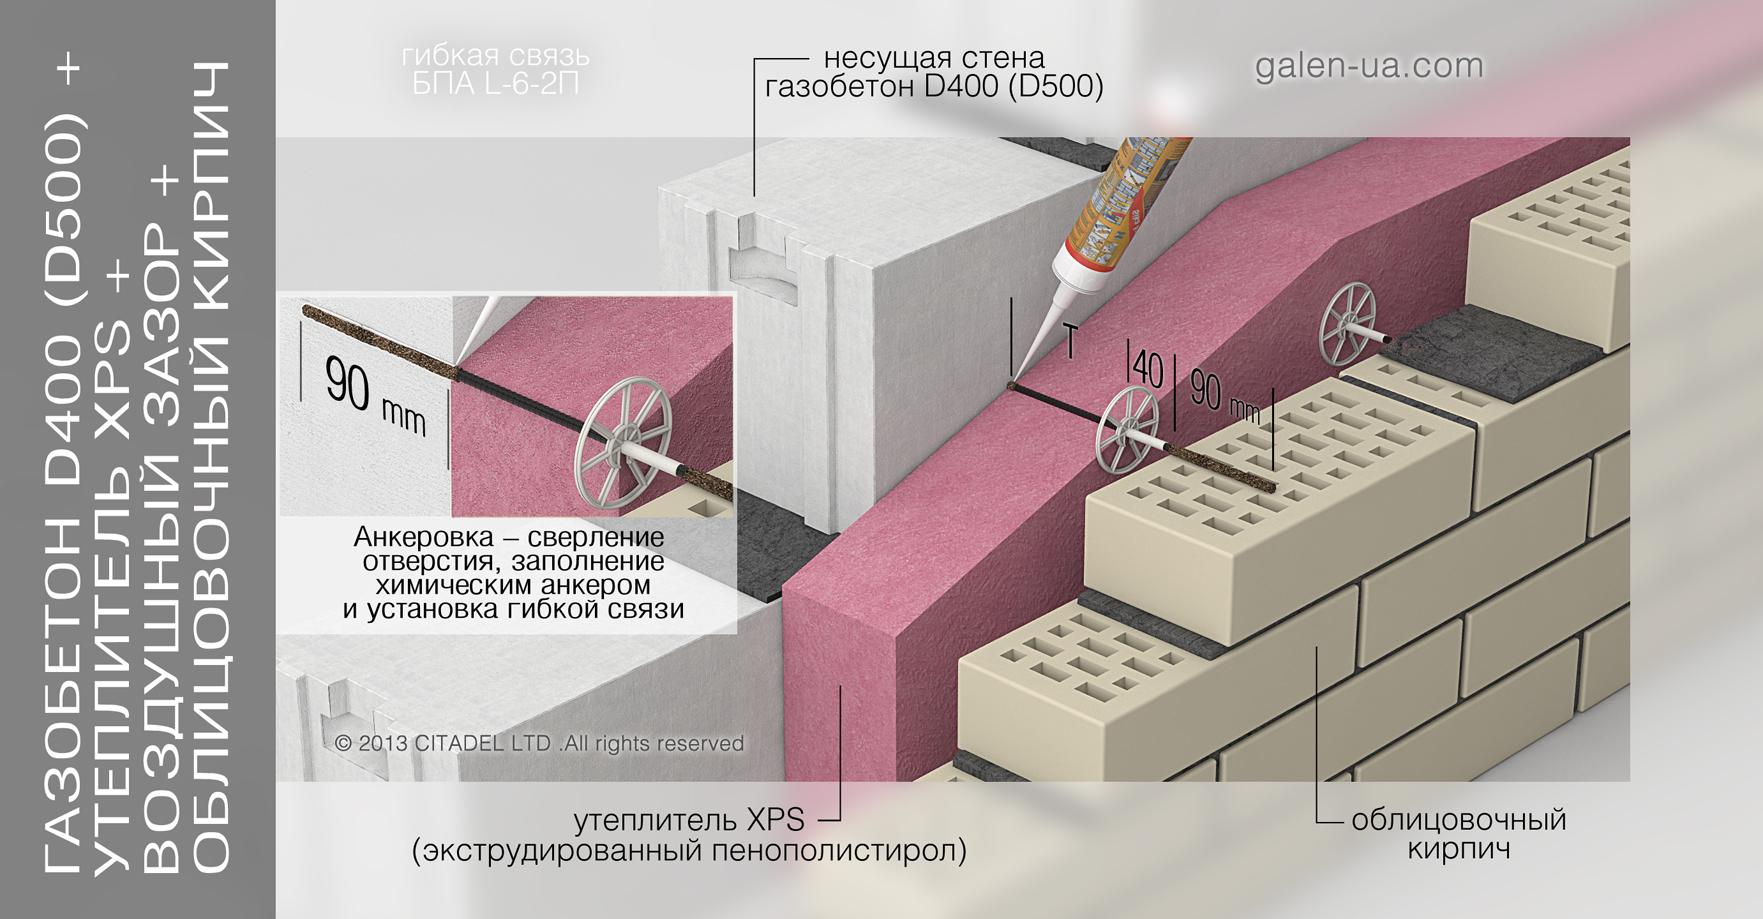 Гибкая связь БПА L-6-2П: Газобетон D400 (D500) + Утеплитель XPS + Воздушный зазор + Облицовочный кирпич